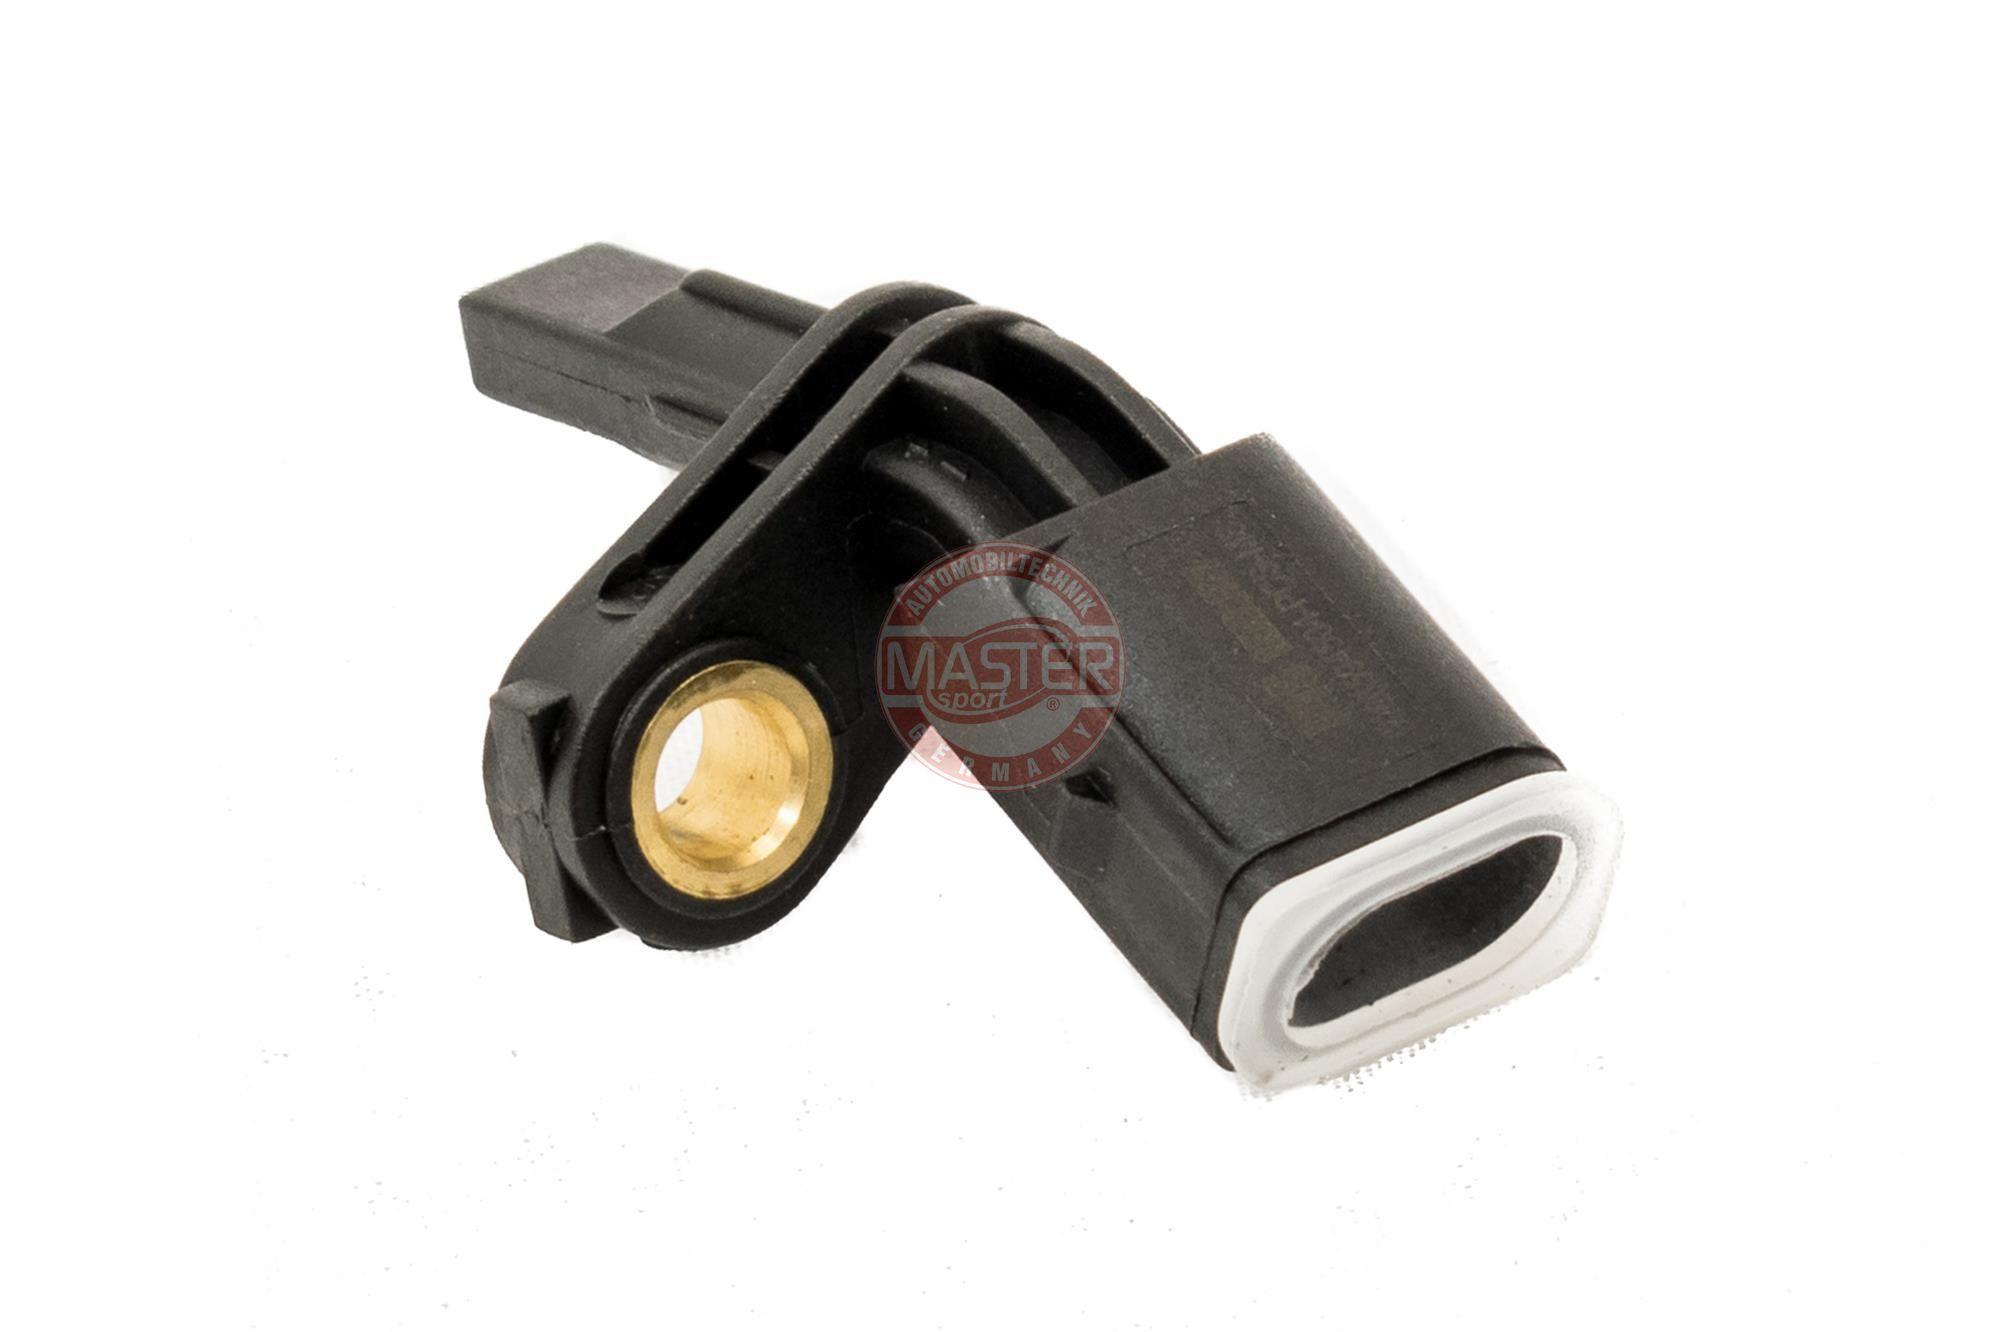 MASTER-SPORT: Original ABS Sensor 0986594504-PCS-MS ()